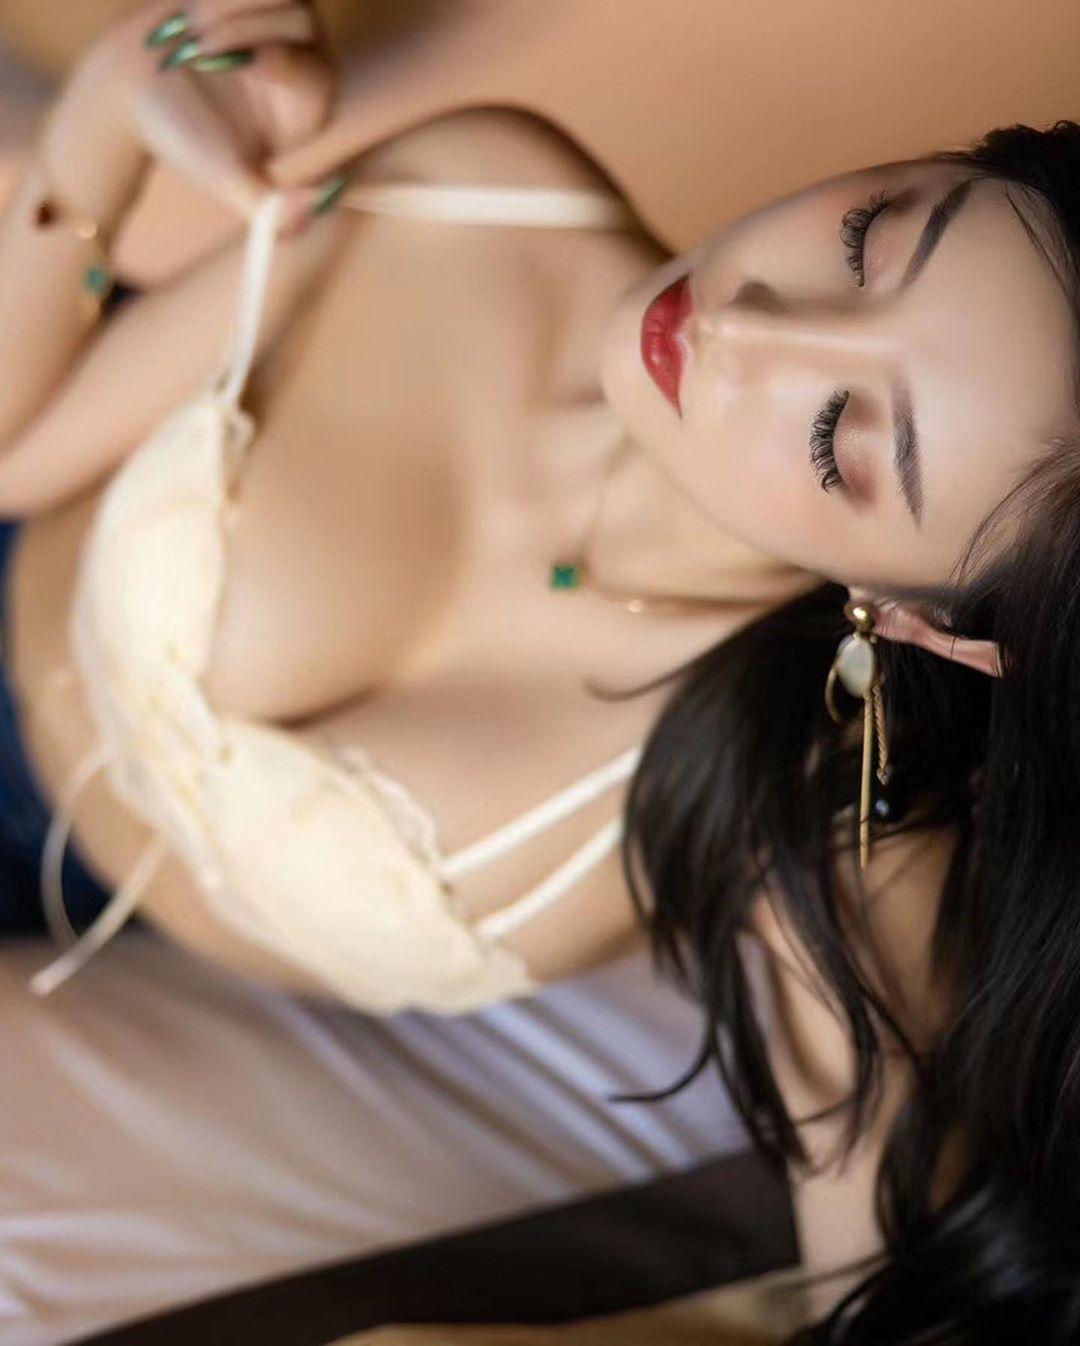 l2Yci3uM o - IG正妹—楊晨晨 (2)